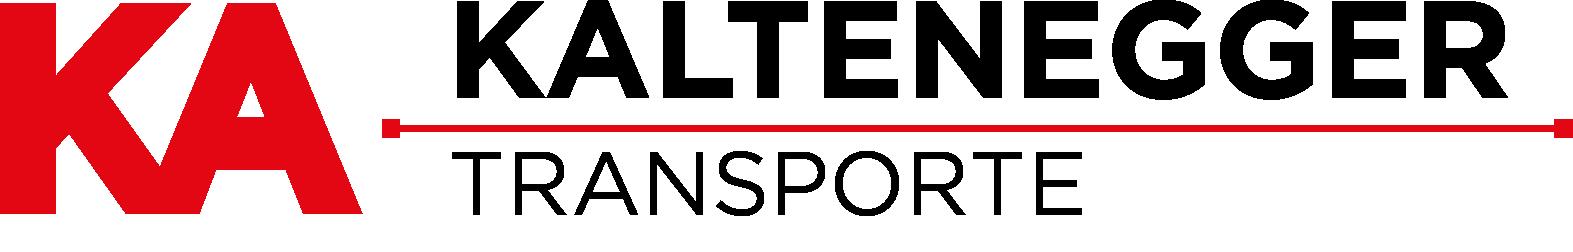 Kaltenegger Transporte GmbH